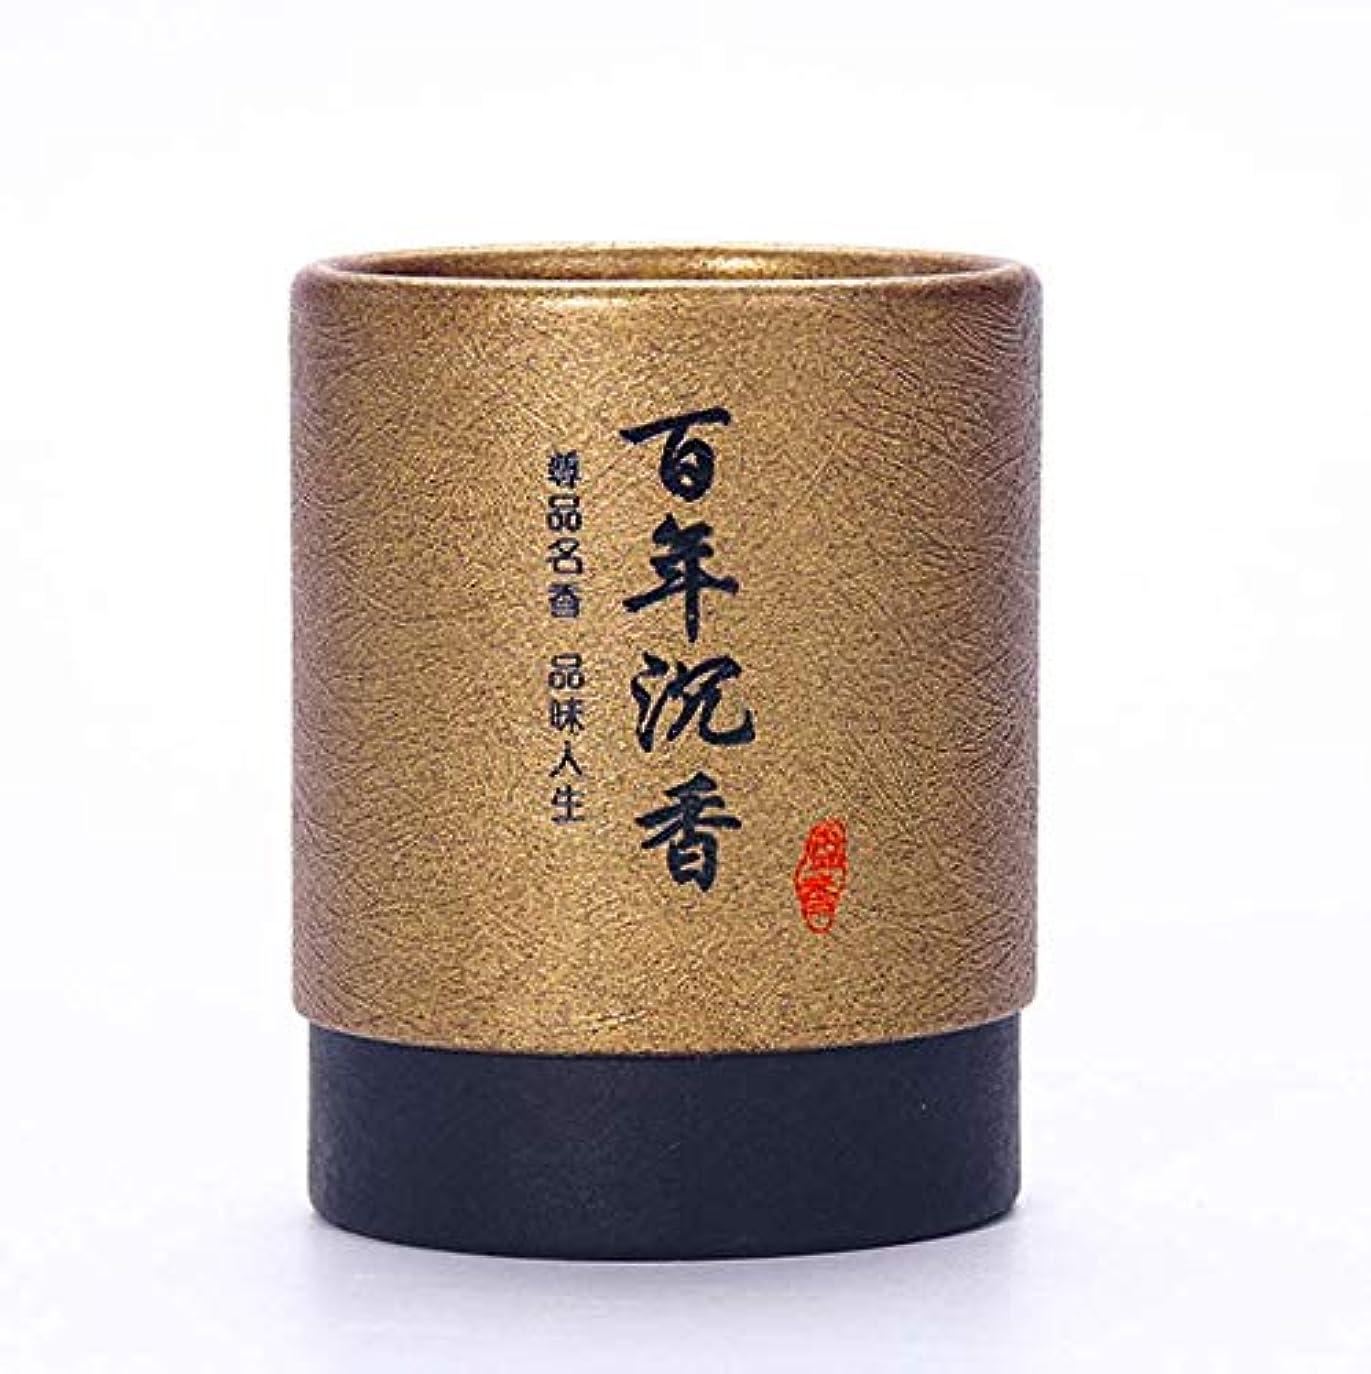 キャンバス効率教室HwaGui お香 2時間 盤香 渦巻き線香 優しい香り 48巻入 沉香(百年沈香)